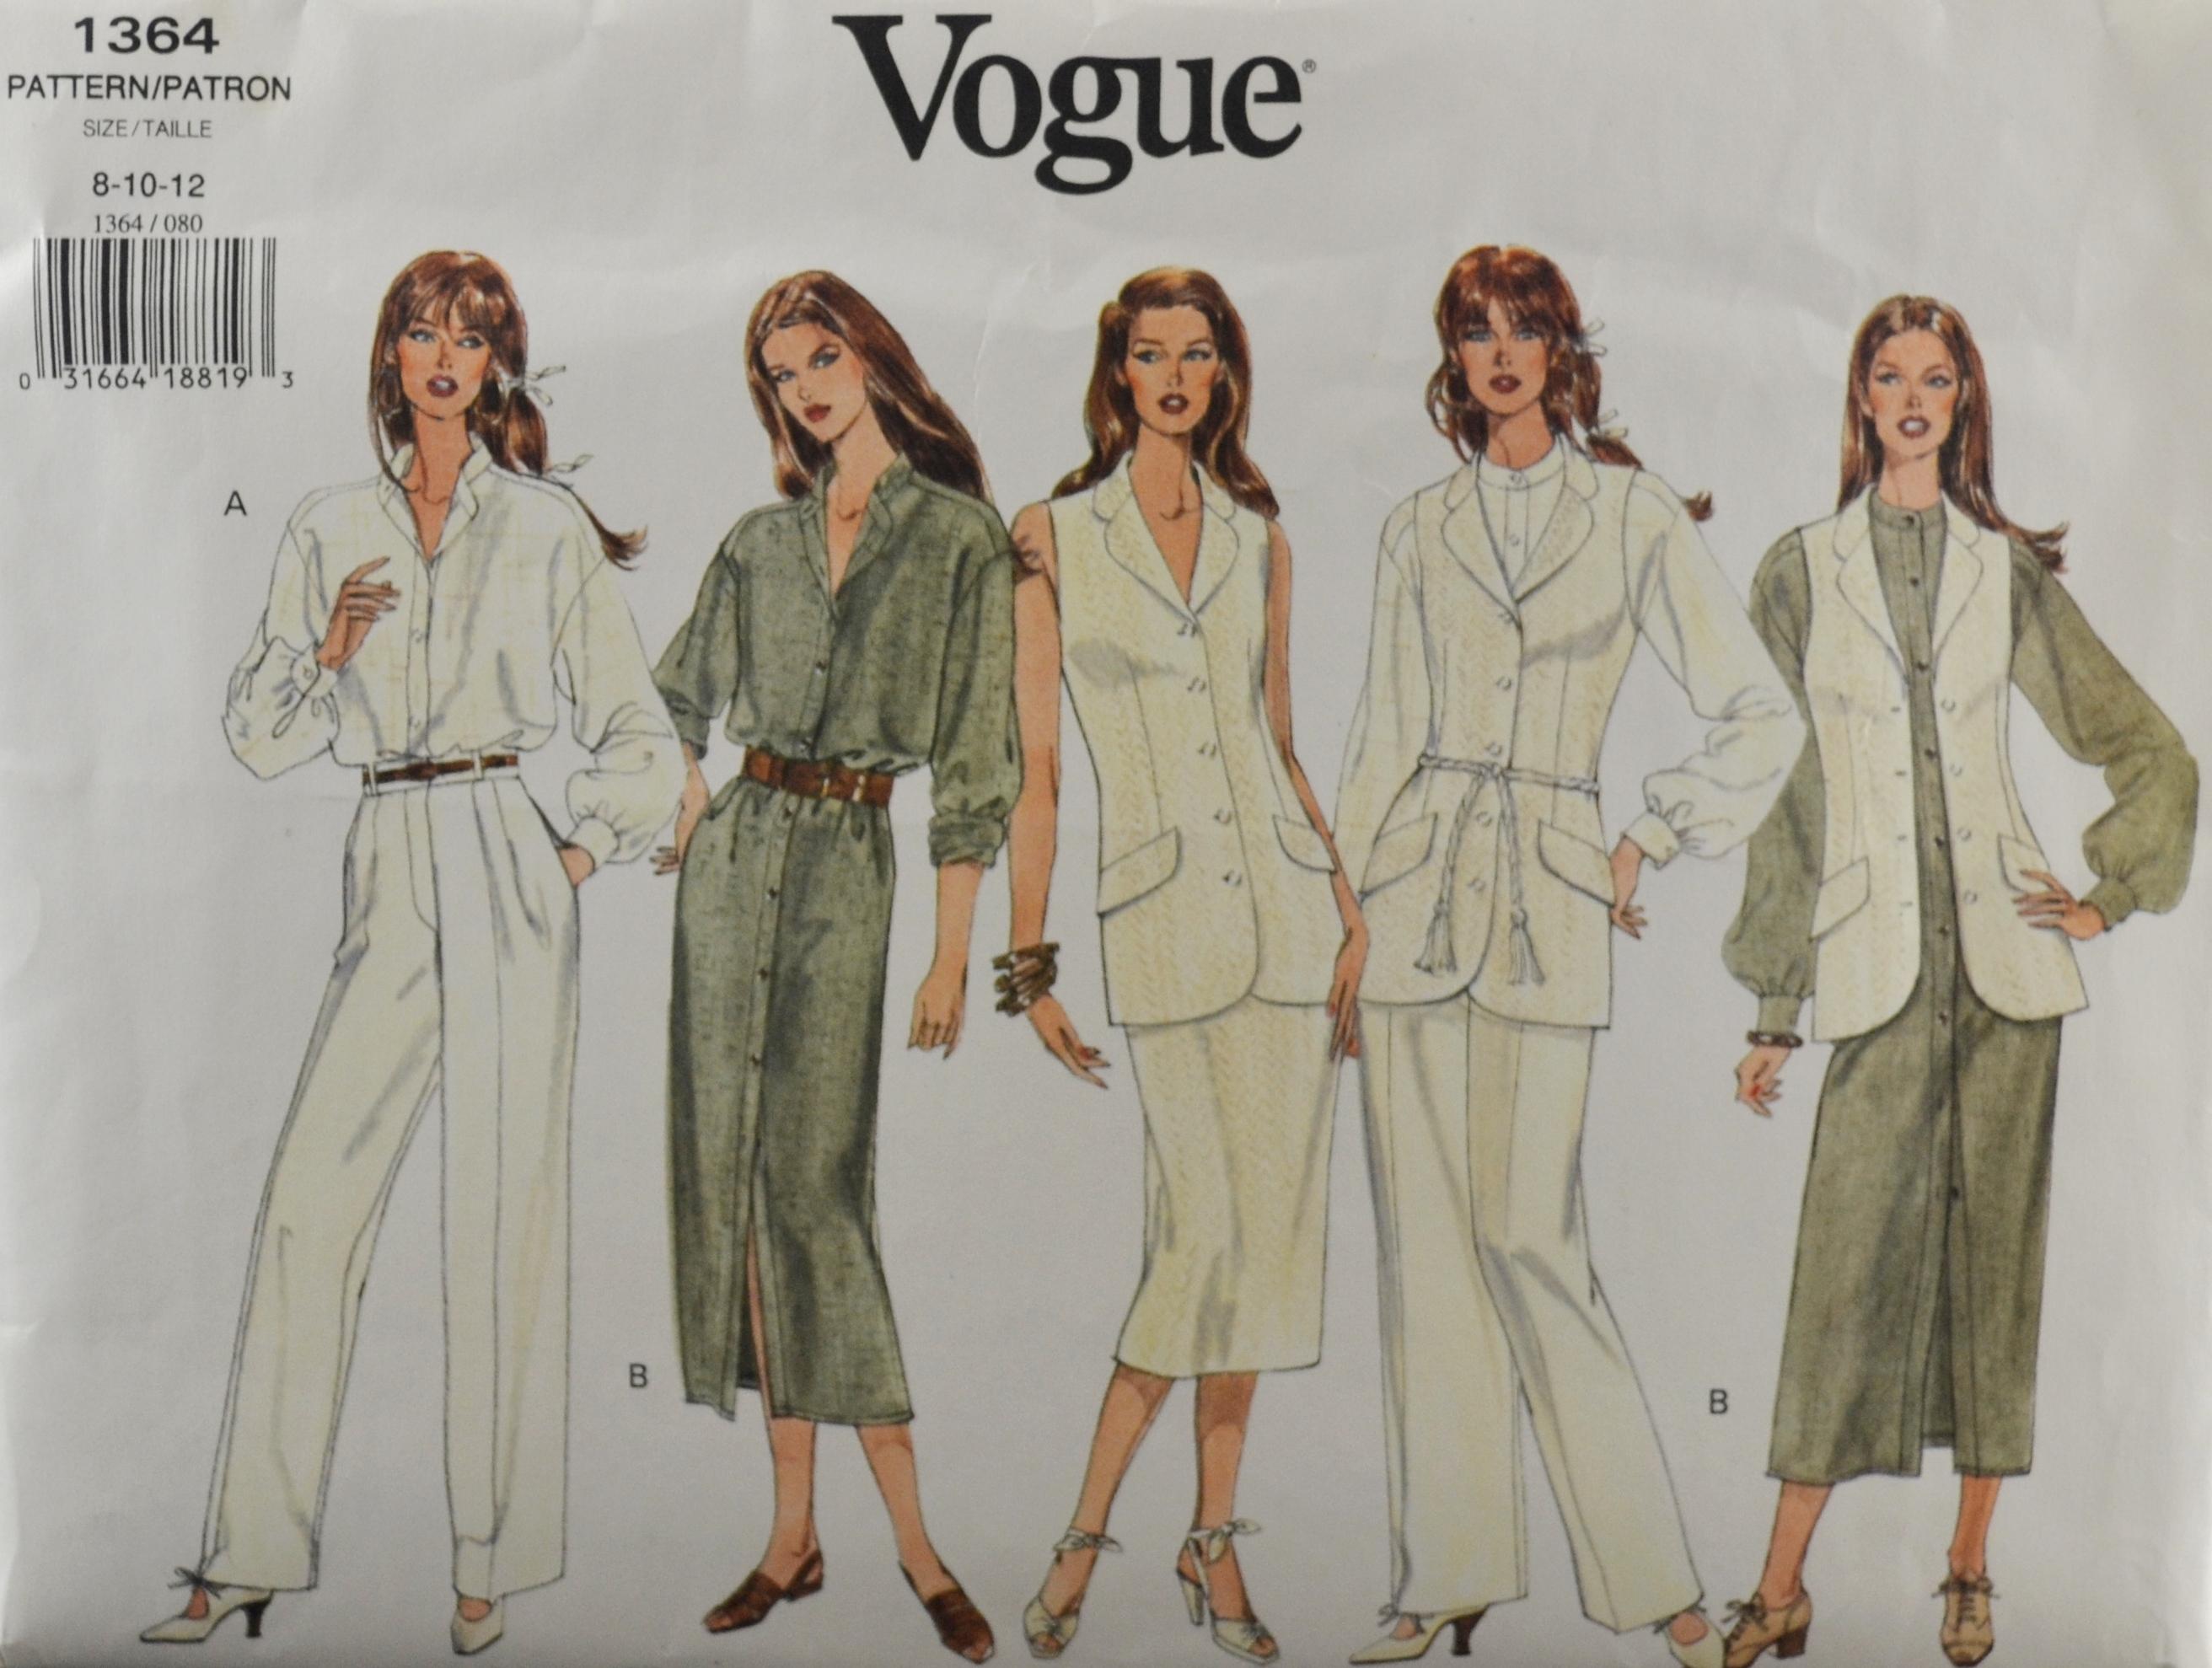 Vogue 1364 C